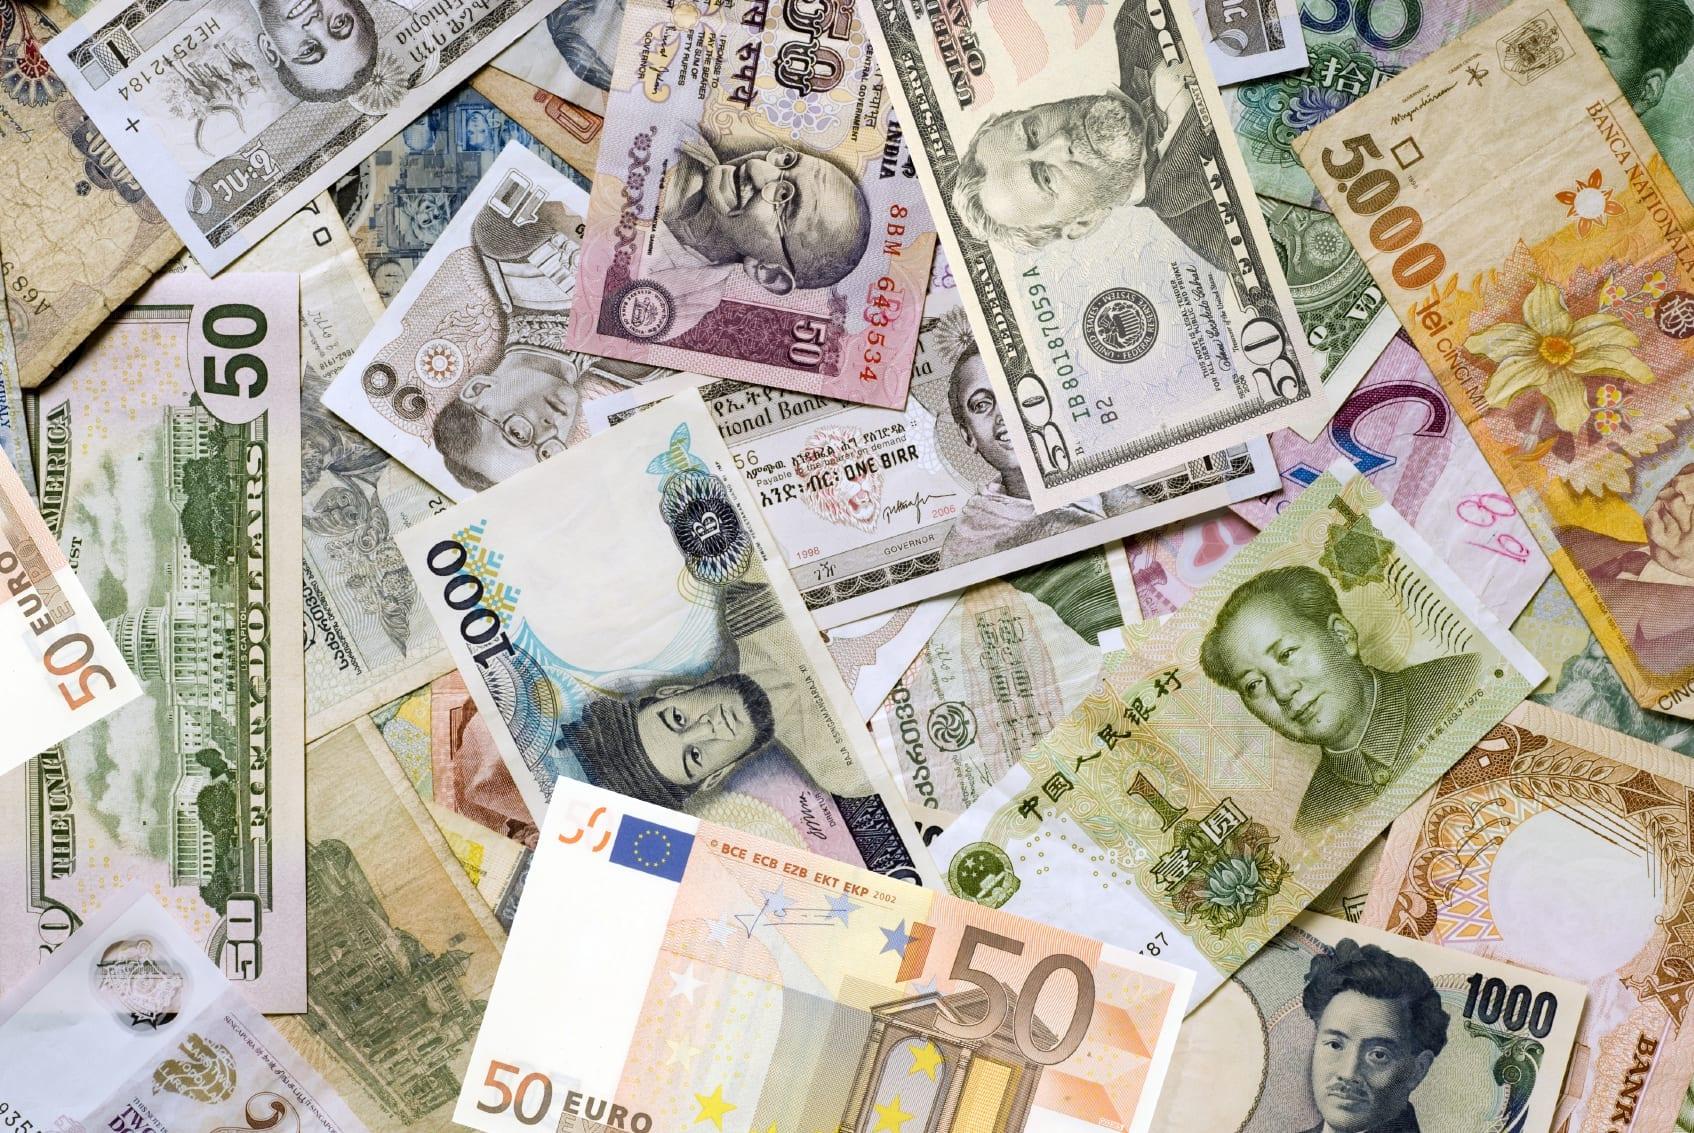 dinero de varios paises en ingles